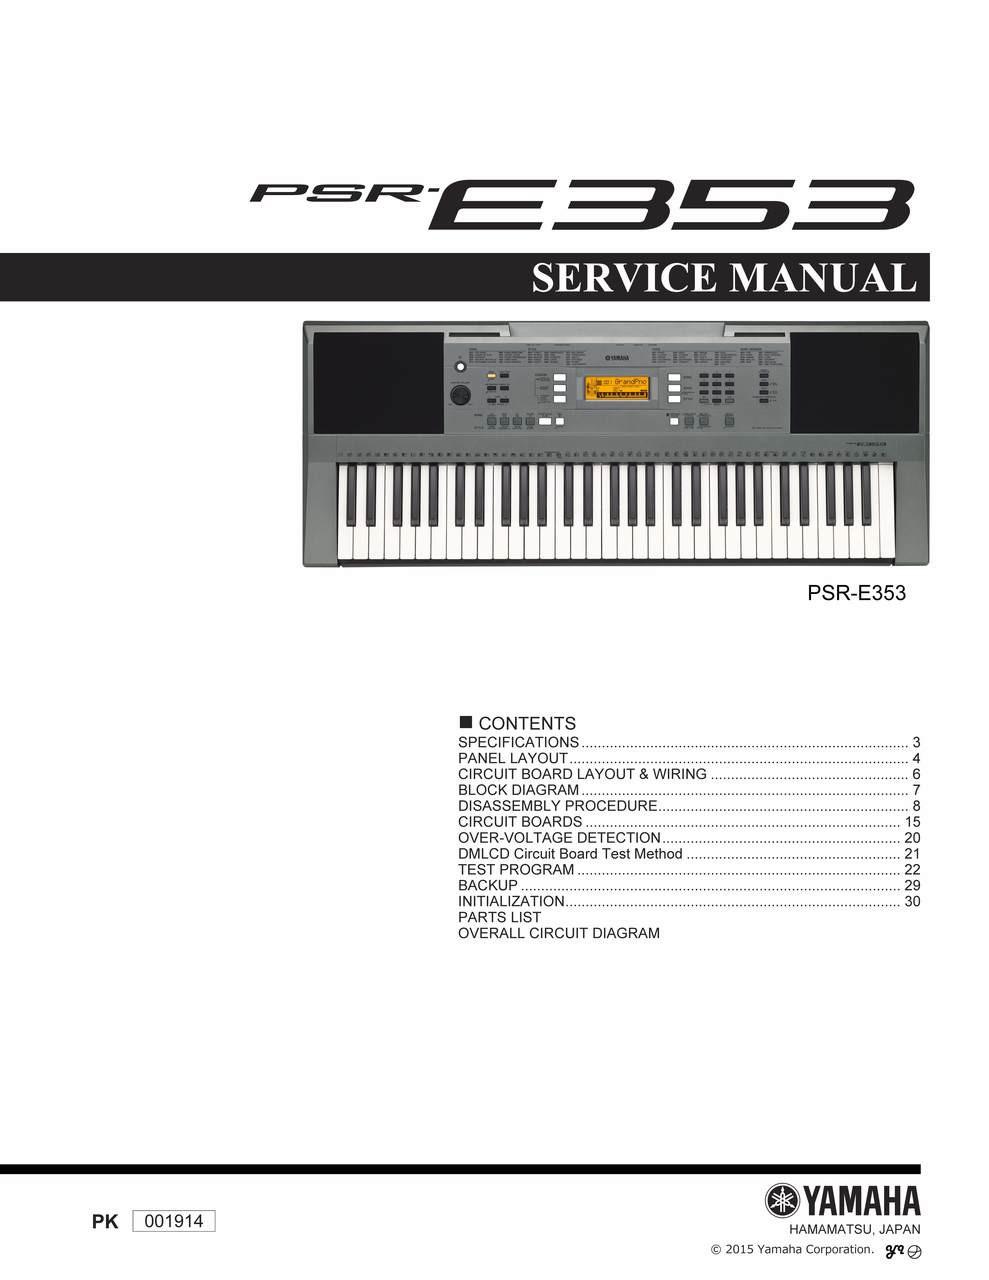 yamaha psr service manual sample user manual u2022 rh digiterica co yamaha psr 550 service manual pdf 2018 S550